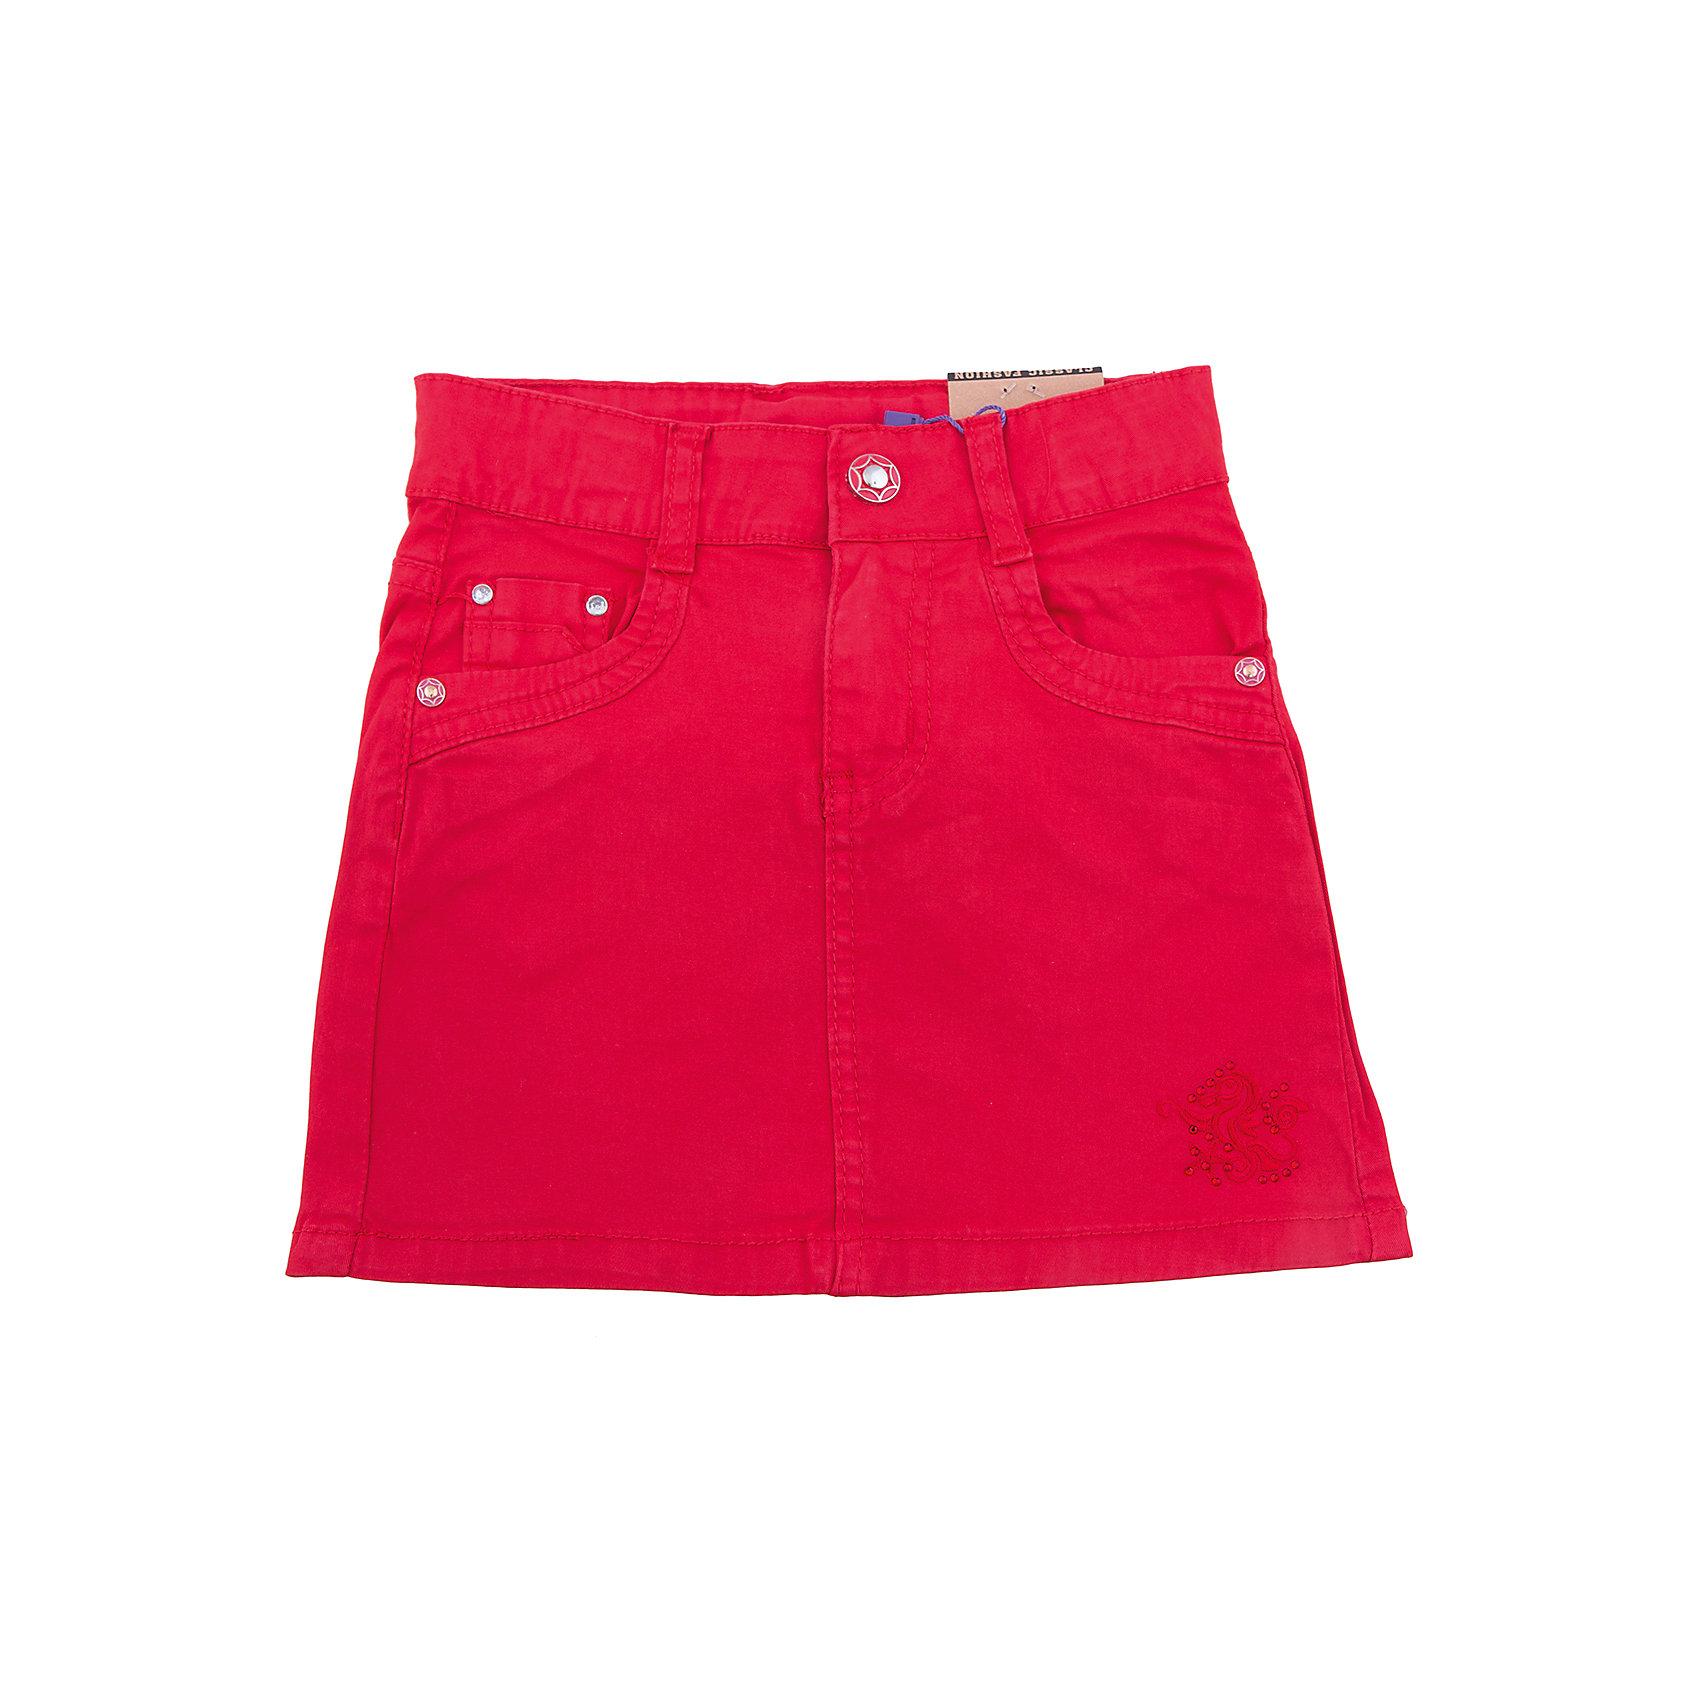 Юбка для девочки Sweet BerryЮбки<br>Яркая трикотажная юбка для девочки. Низ изделия декорирован вышивкой и стразами. Пояс с регулировкой внутренней резинкой.<br>Состав:<br>98%хлопок 2%эластан<br><br>Ширина мм: 207<br>Глубина мм: 10<br>Высота мм: 189<br>Вес г: 183<br>Цвет: розовый<br>Возраст от месяцев: 24<br>Возраст до месяцев: 36<br>Пол: Женский<br>Возраст: Детский<br>Размер: 98,110,116,122,128,104<br>SKU: 5411969